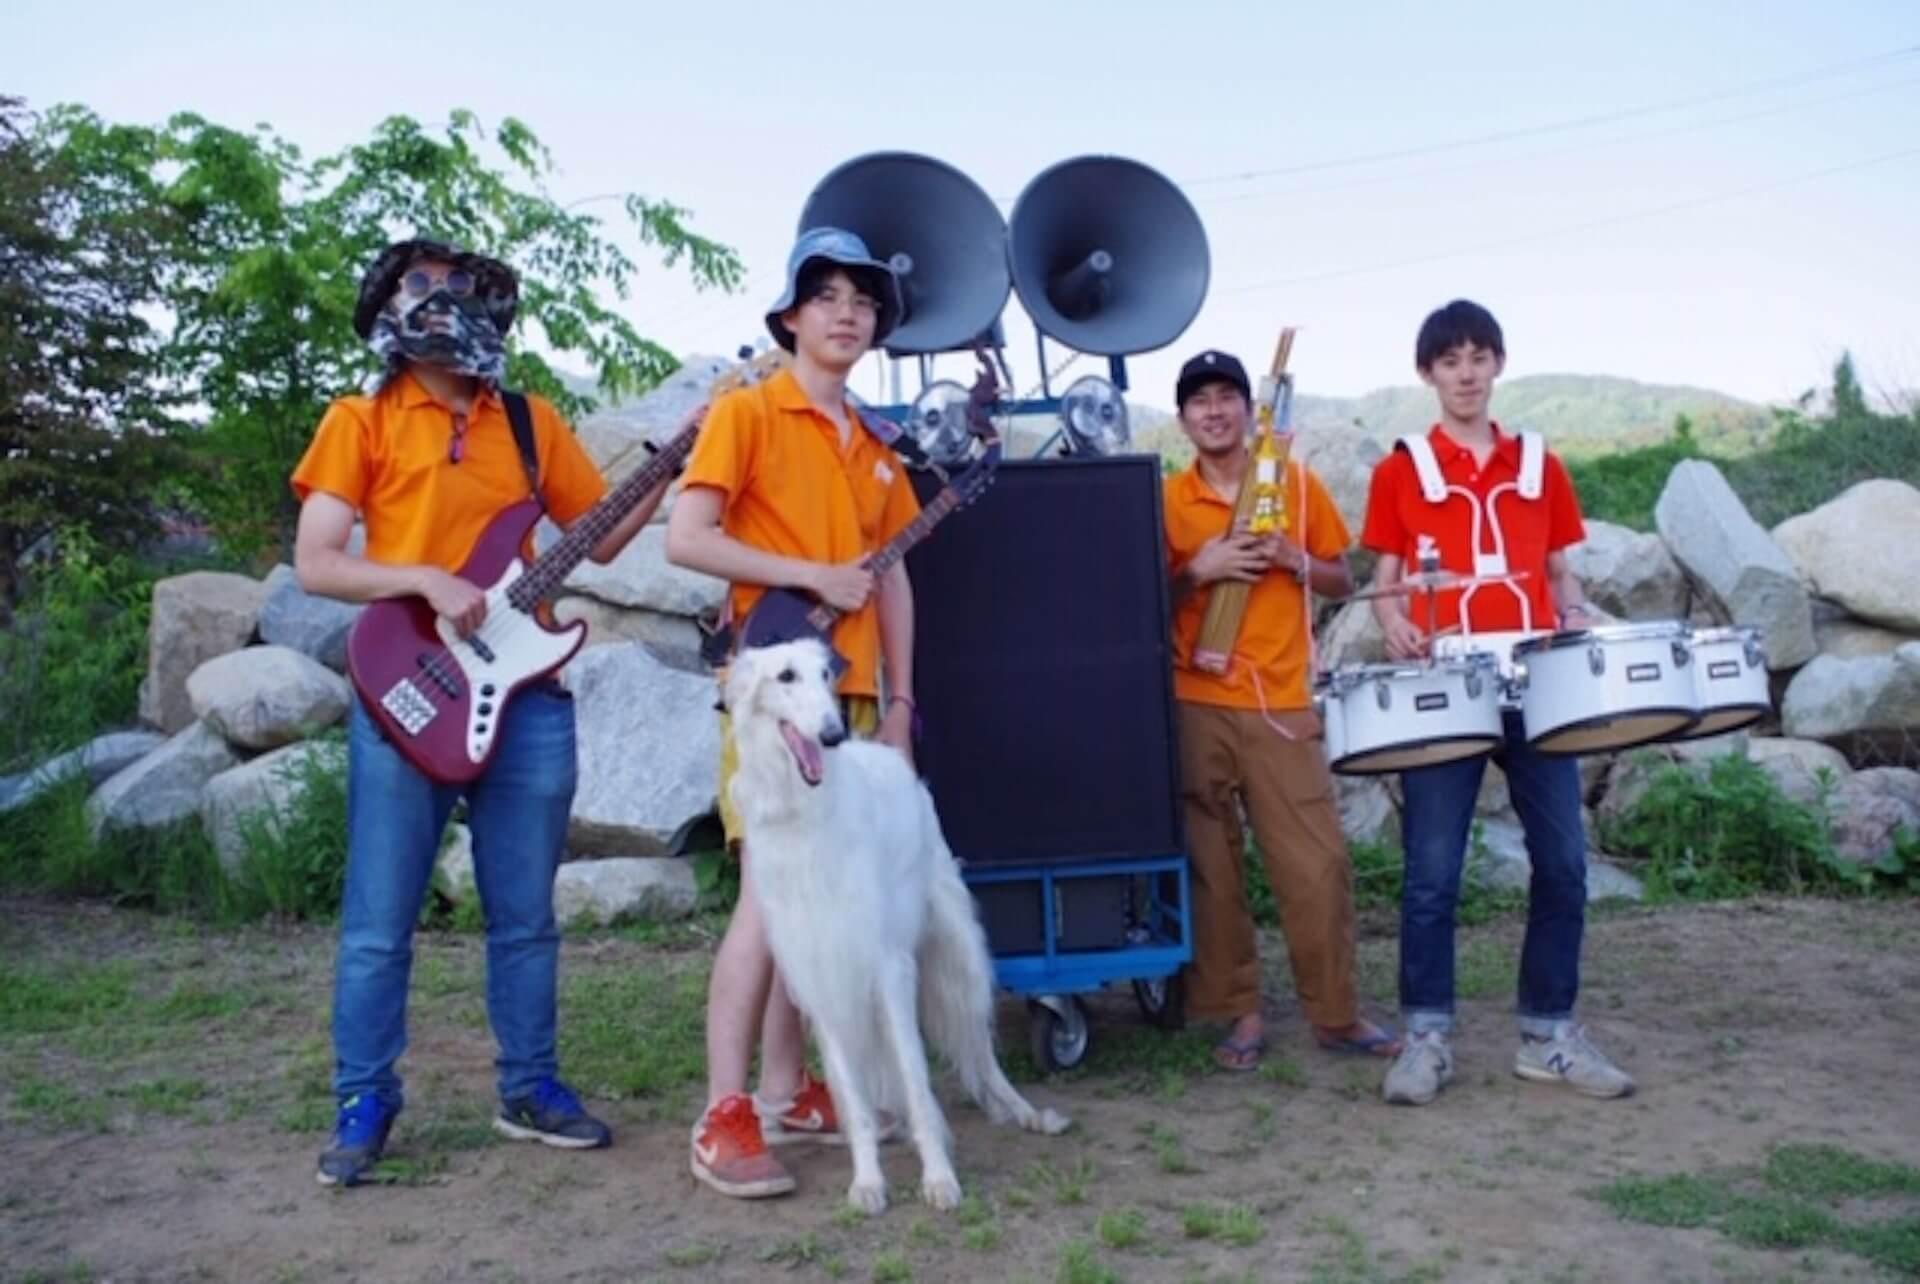 サンティアゴ・バスケスがディレクションする音楽イベント<True Colors BEATS>開催決定!YAKUSHIMA TREASUREらが出演 music191009_truecolorsbeat_5